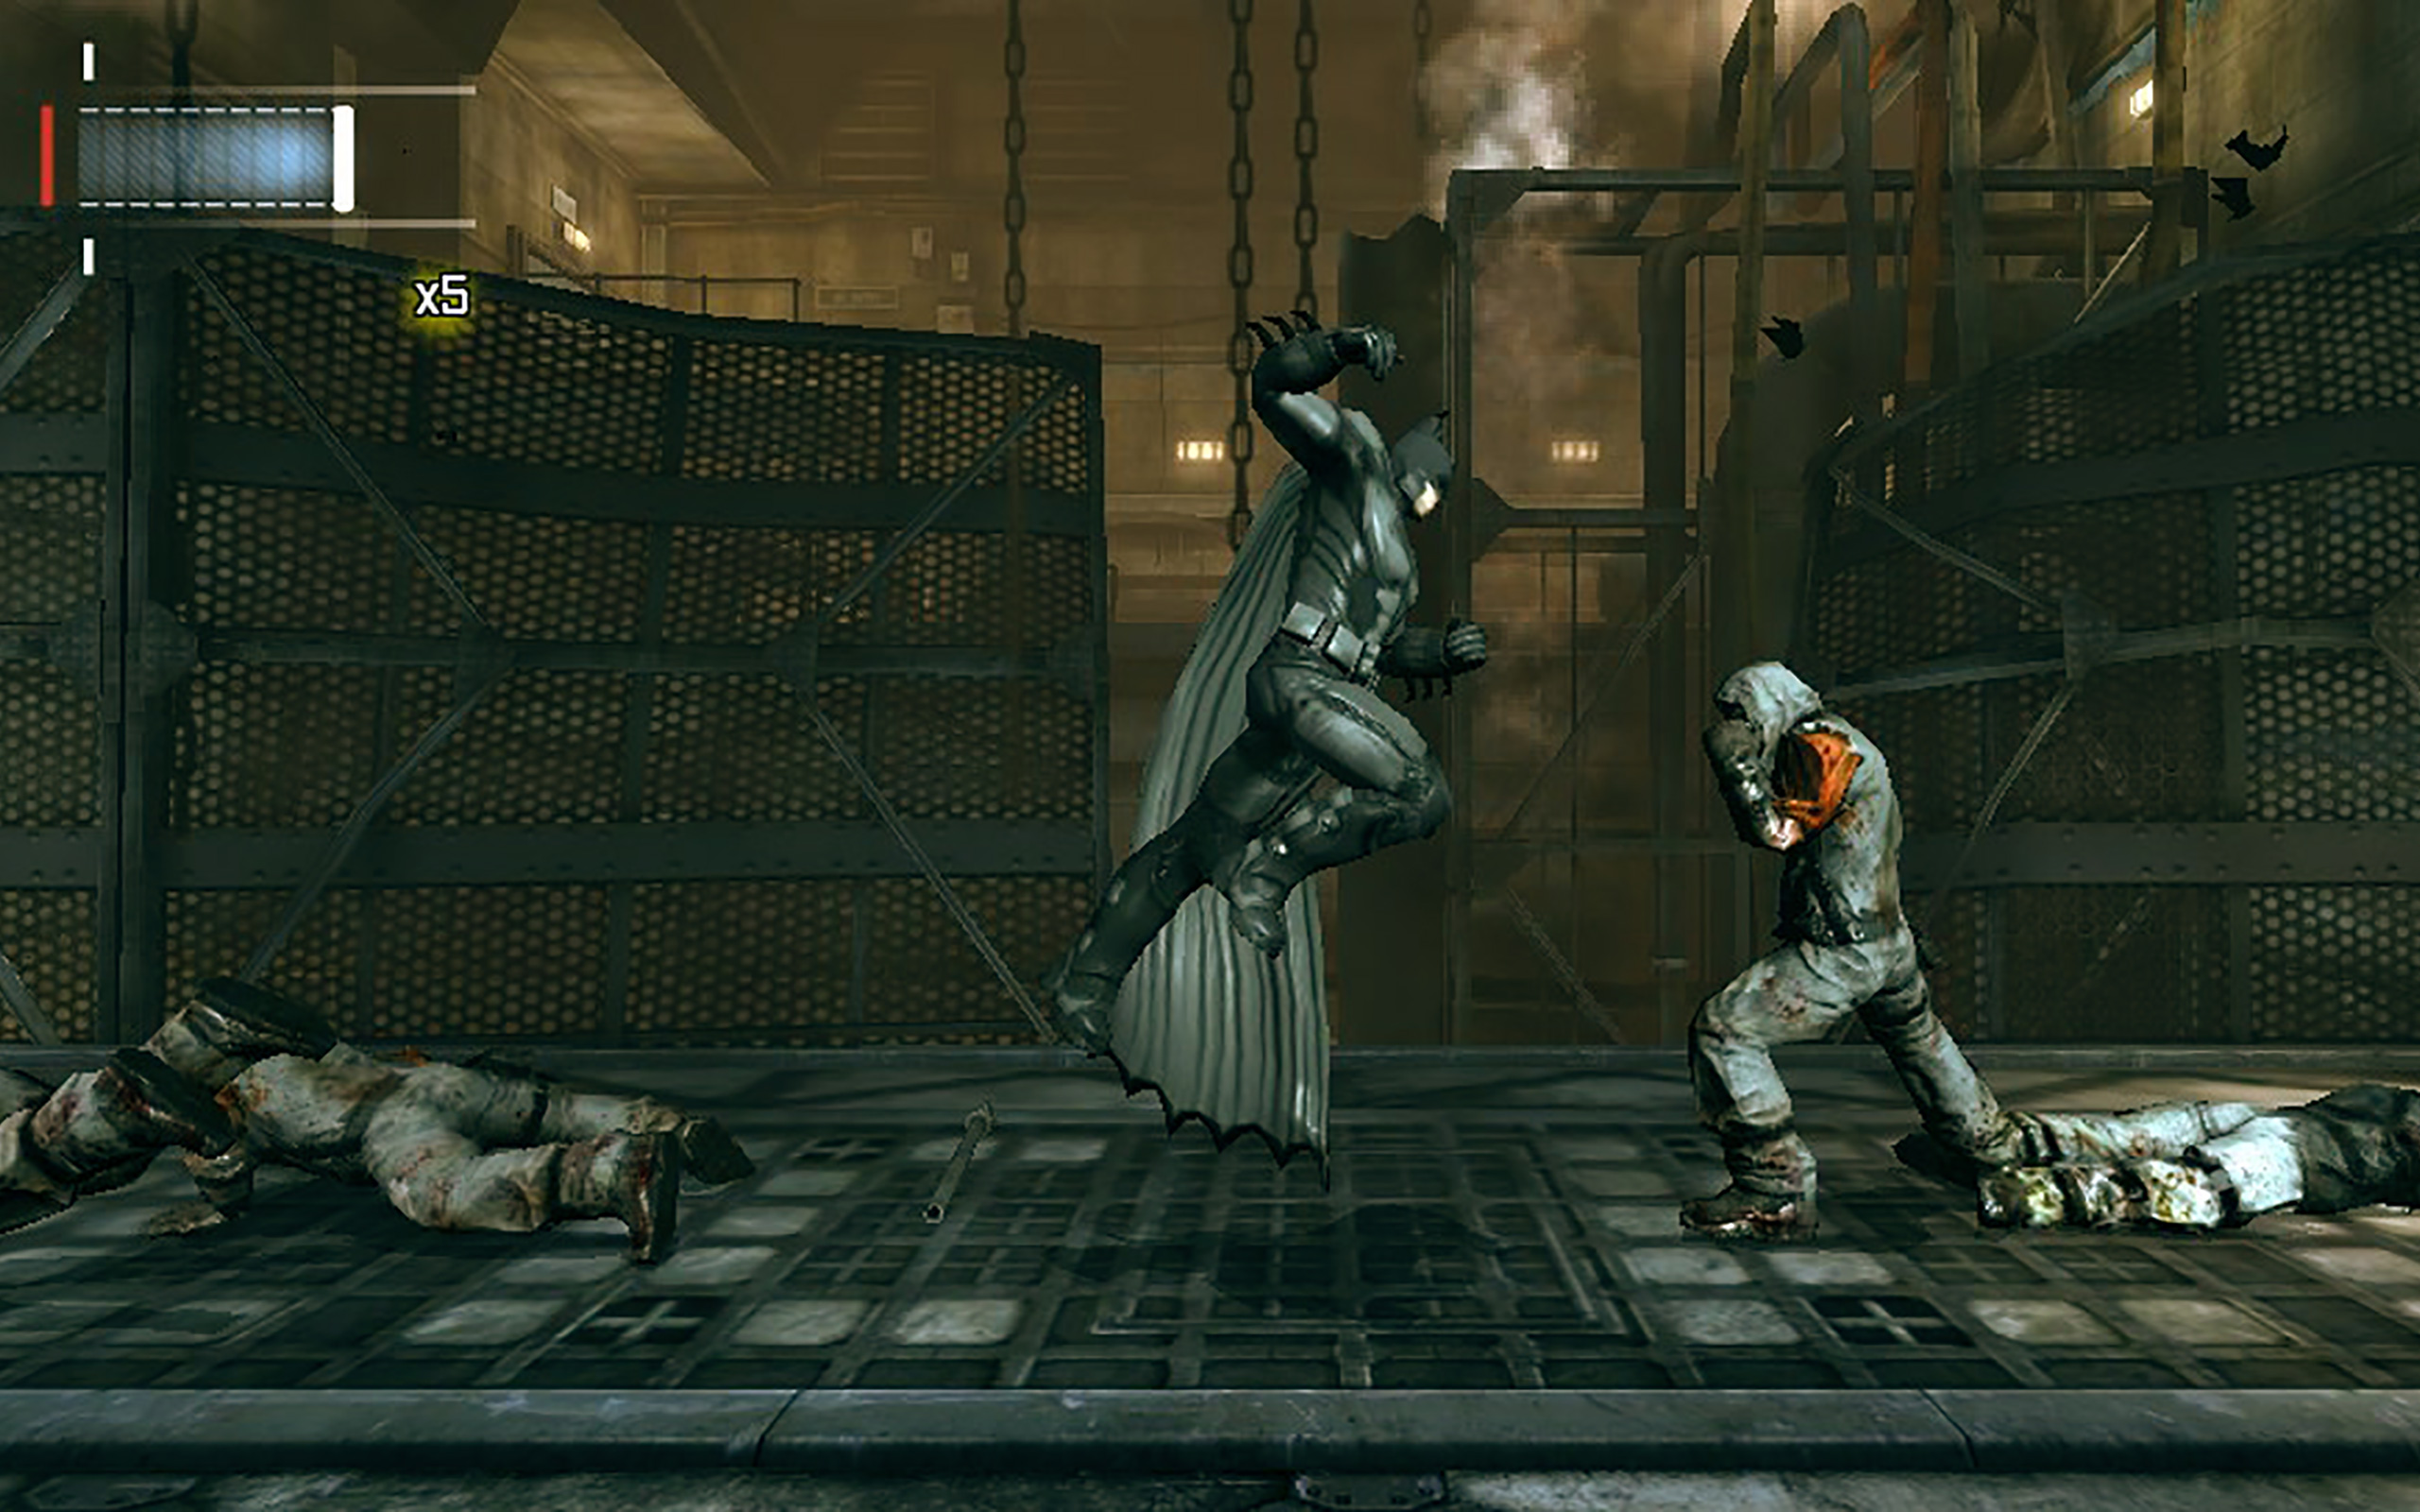 Das altbekannte Freeflow-Kampfsystem funktioniert auch auf der PS Vita.